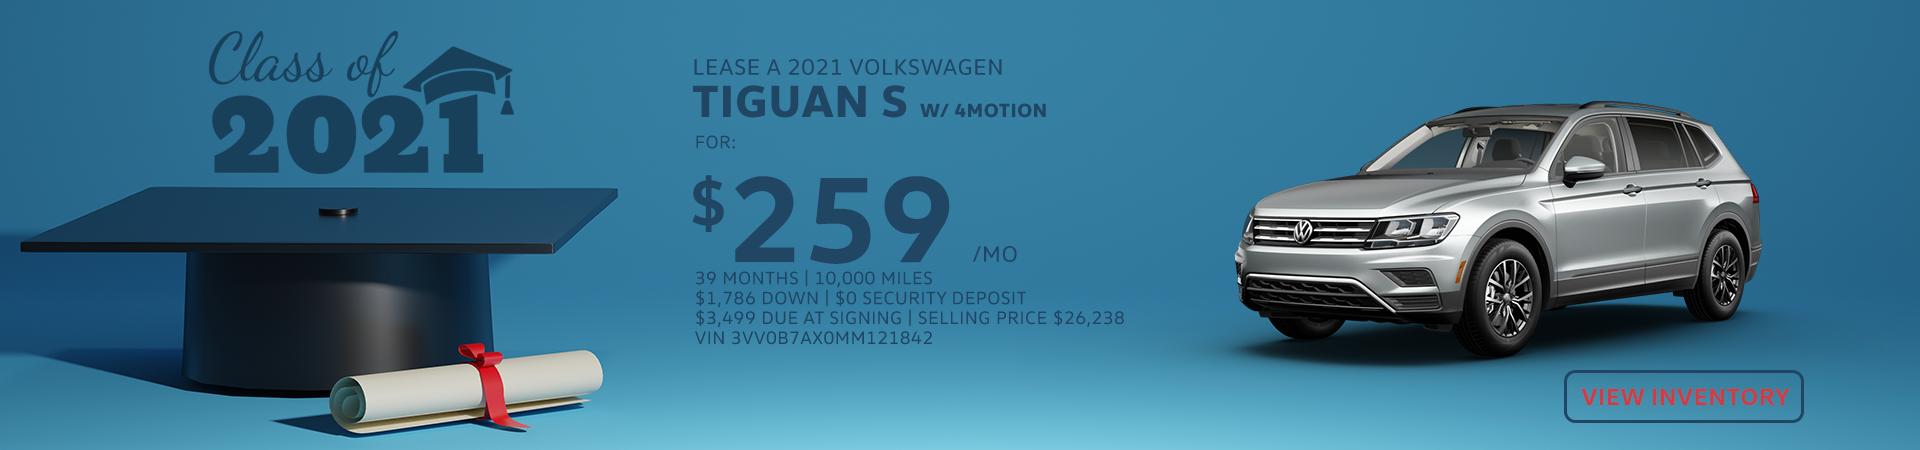 Wynn VW_June Offer_Tiguan